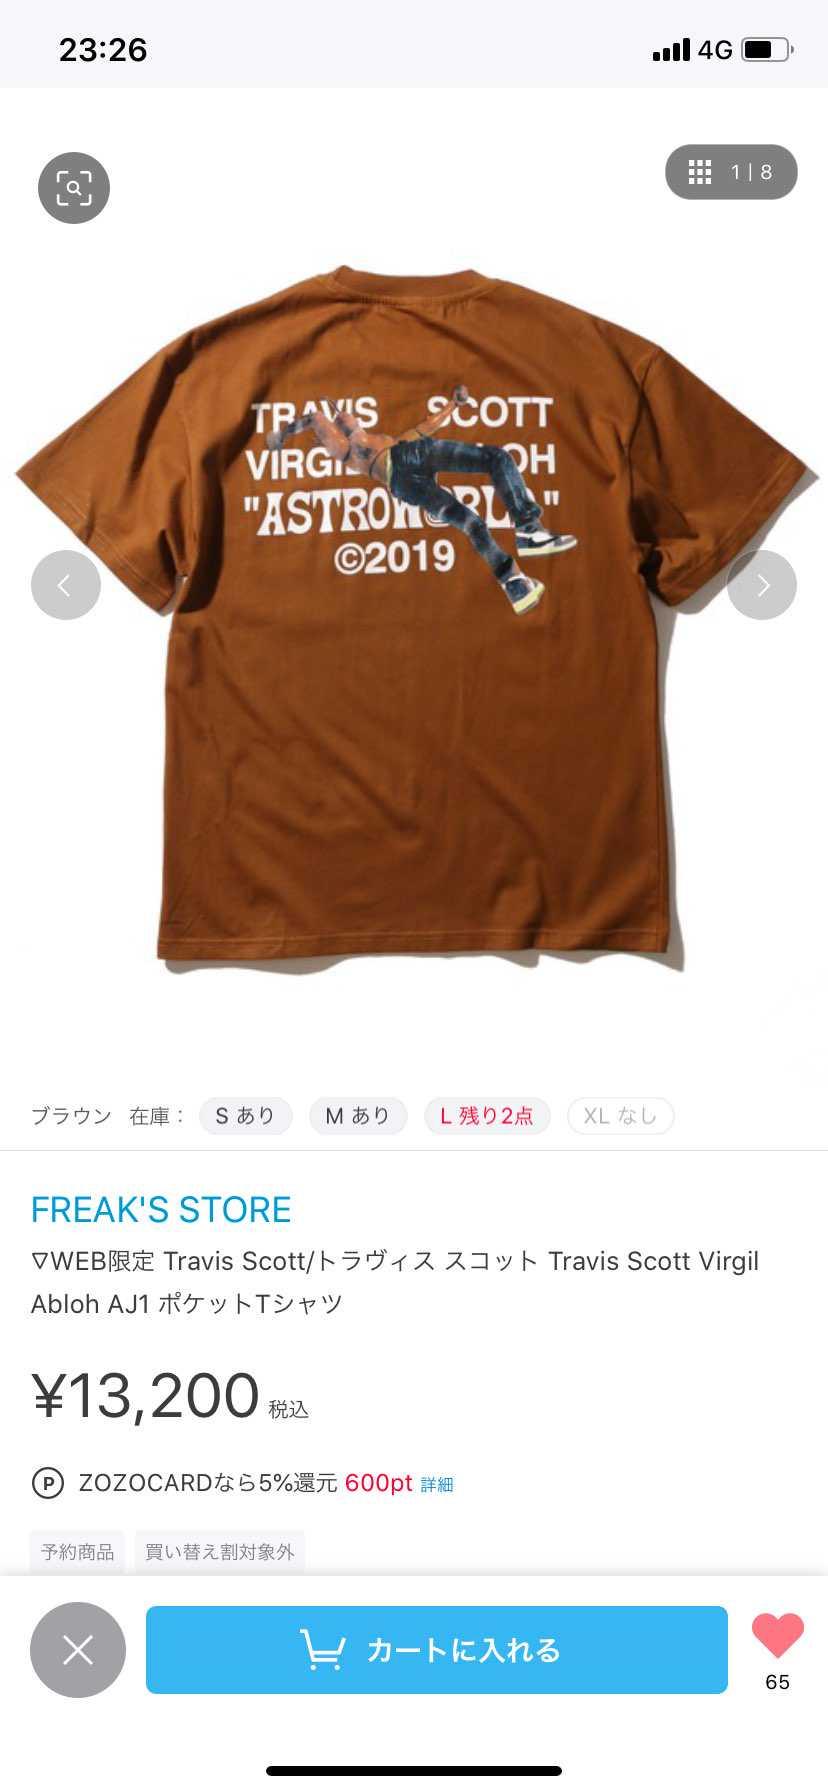 スニーカーじゃないんですが ZOZOでトラヴィスのtシャツ売ってます 興味が